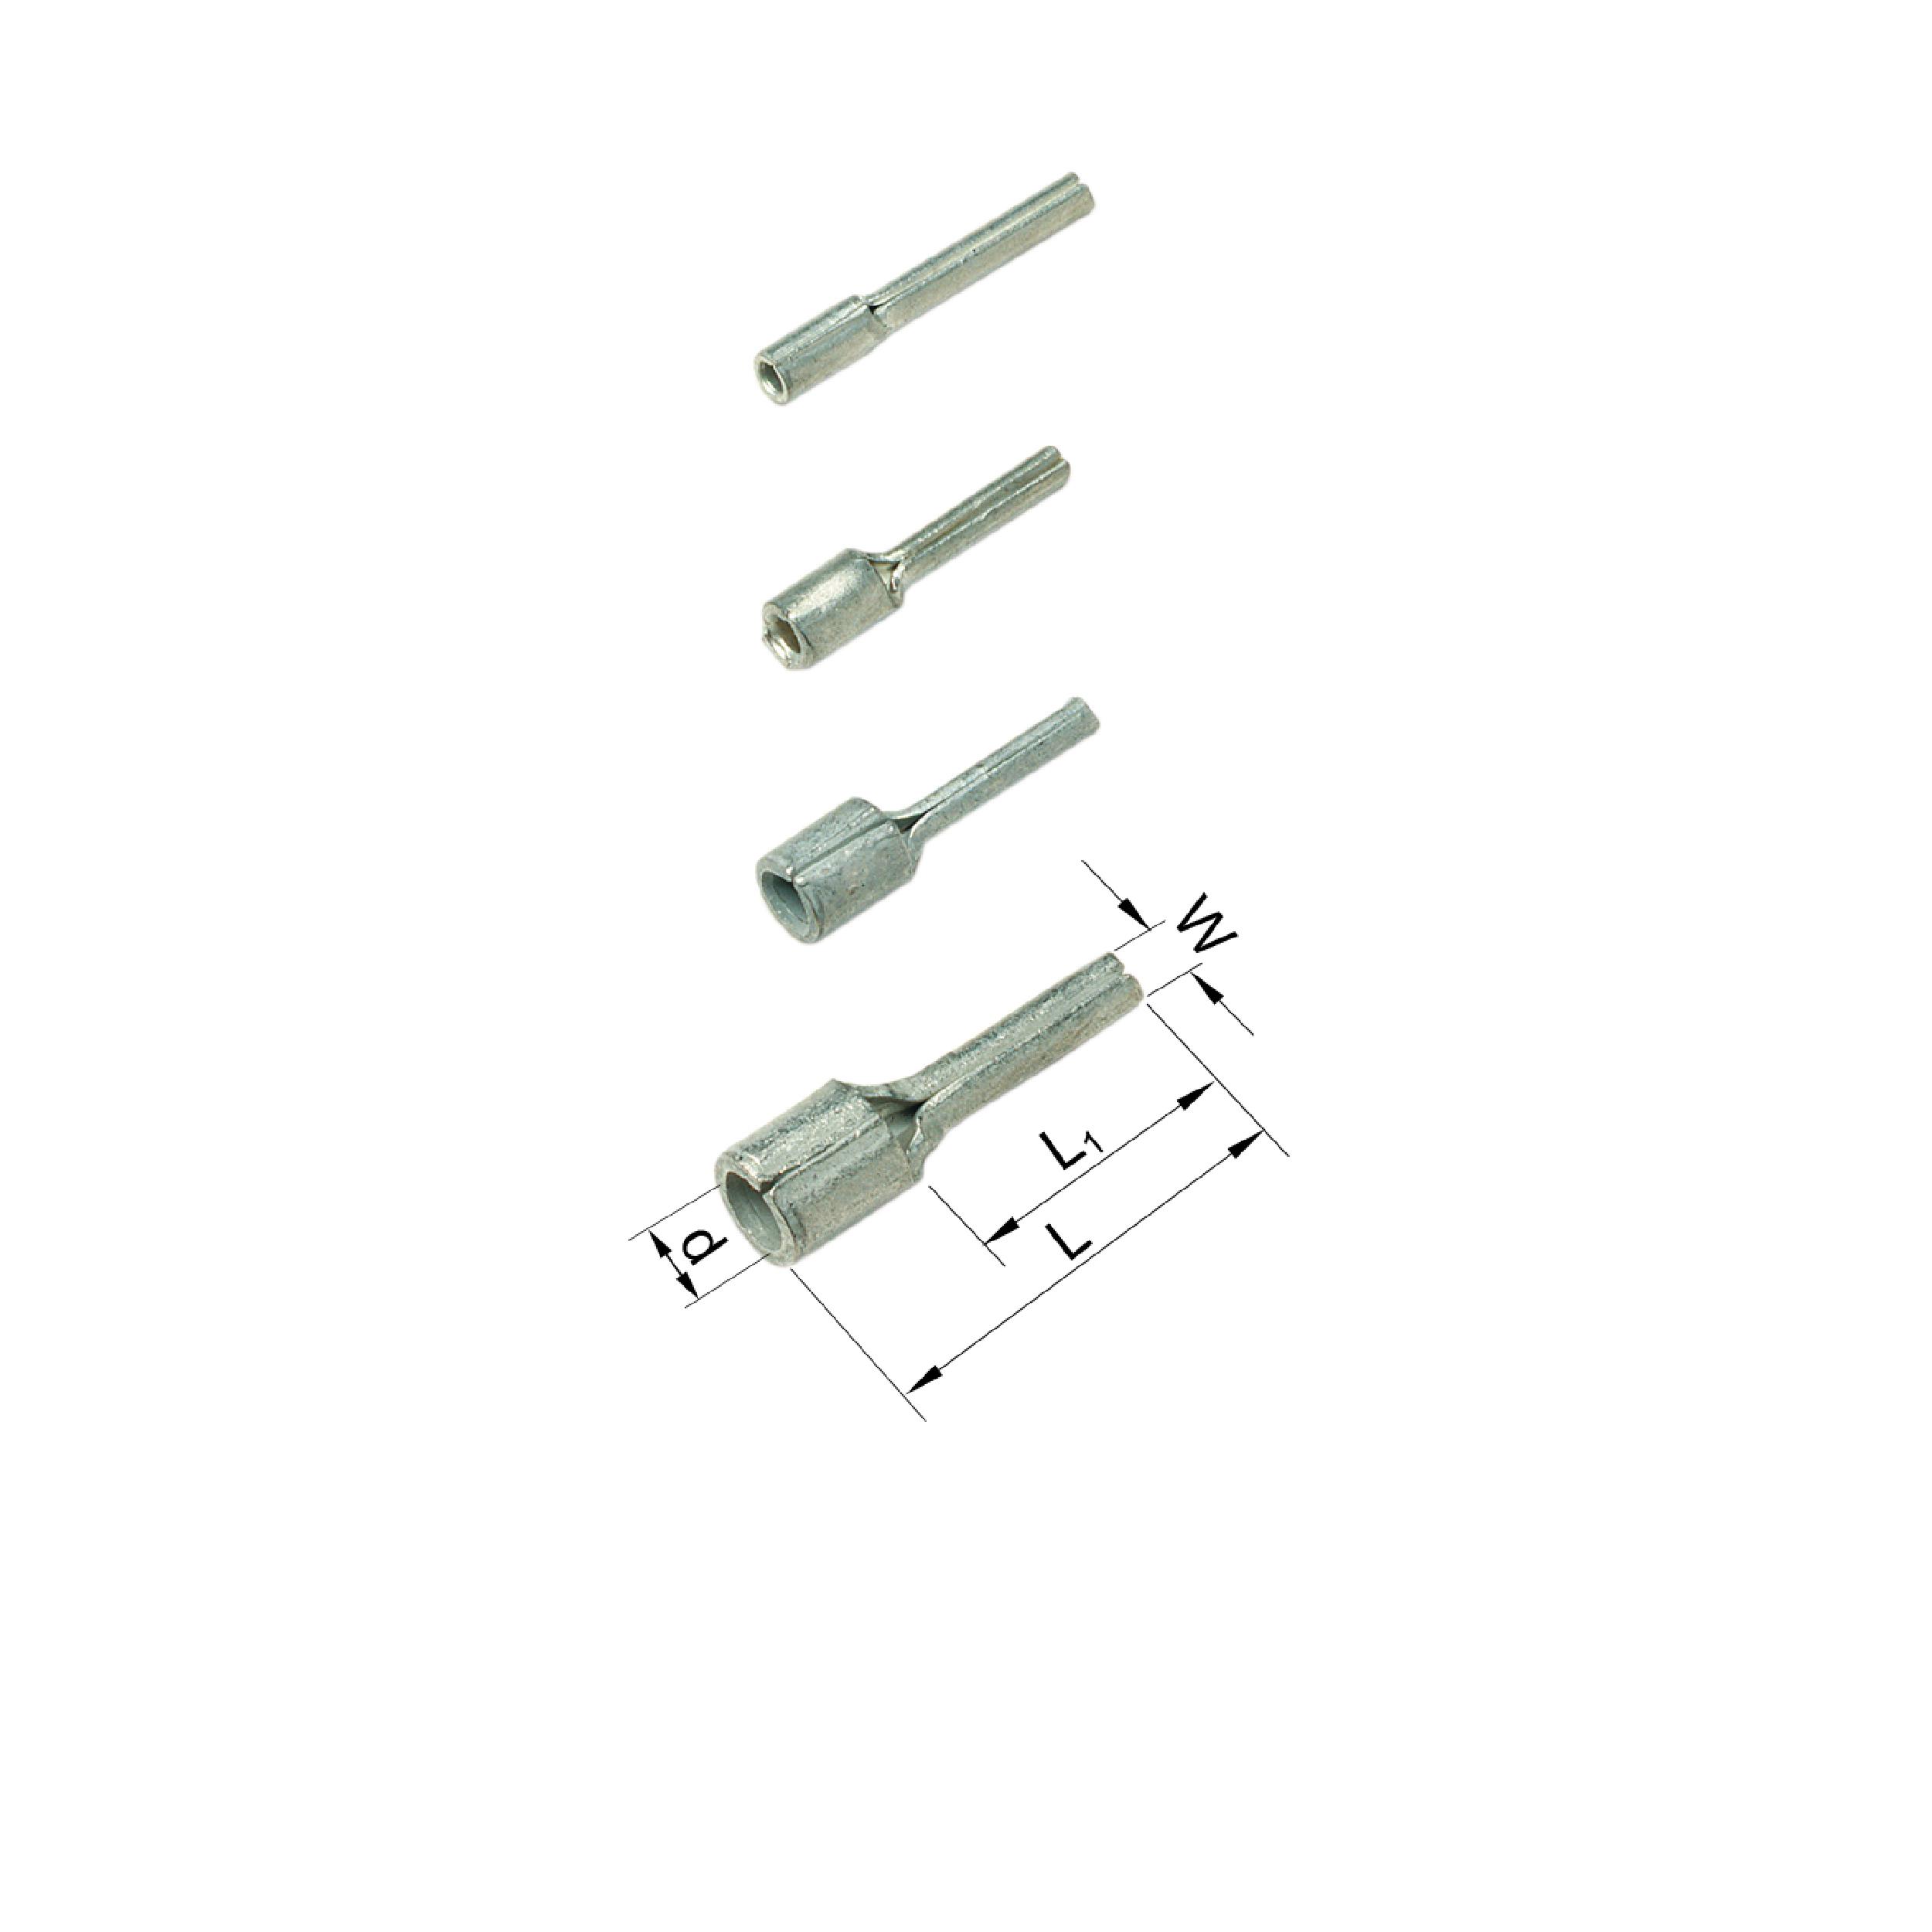 Elpress Un-Insulated Pin Terminals (0.25-6mm²). Part Numbers: B0819SR, B1519SR, B2519SR, B4630SR